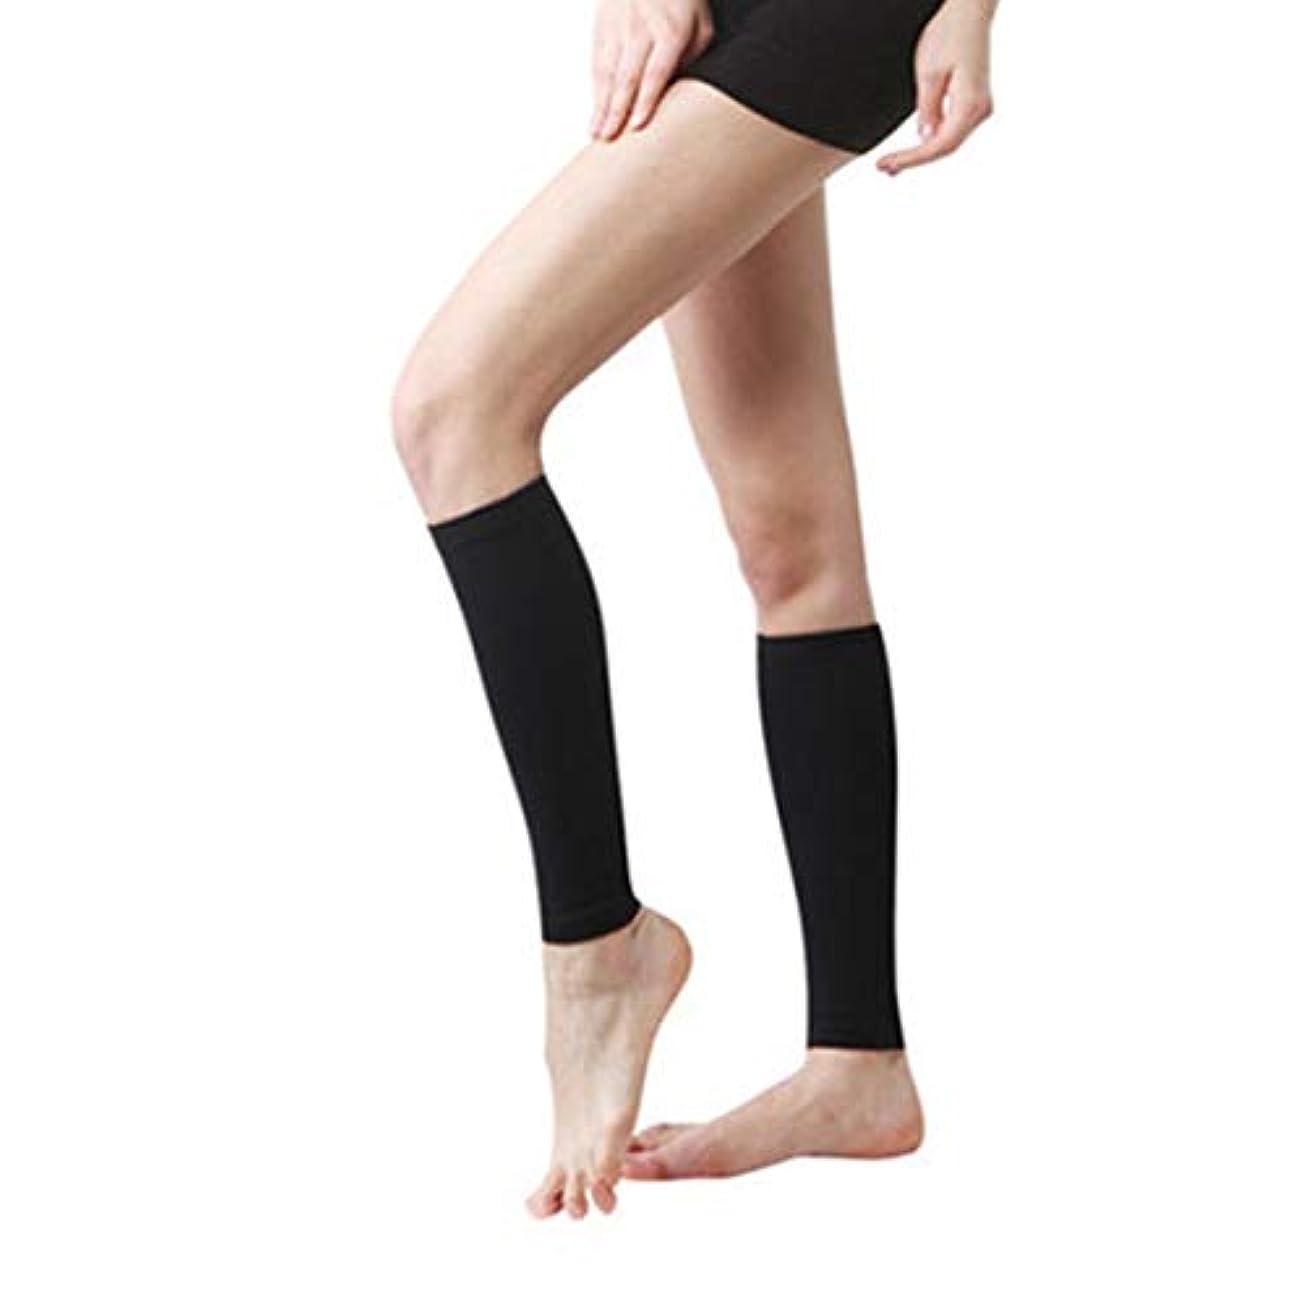 掃く有名みぞれ丈夫な男性女性プロの圧縮靴下通気性のある旅行活動看護師用シンススプリントフライトトラベル - ブラック